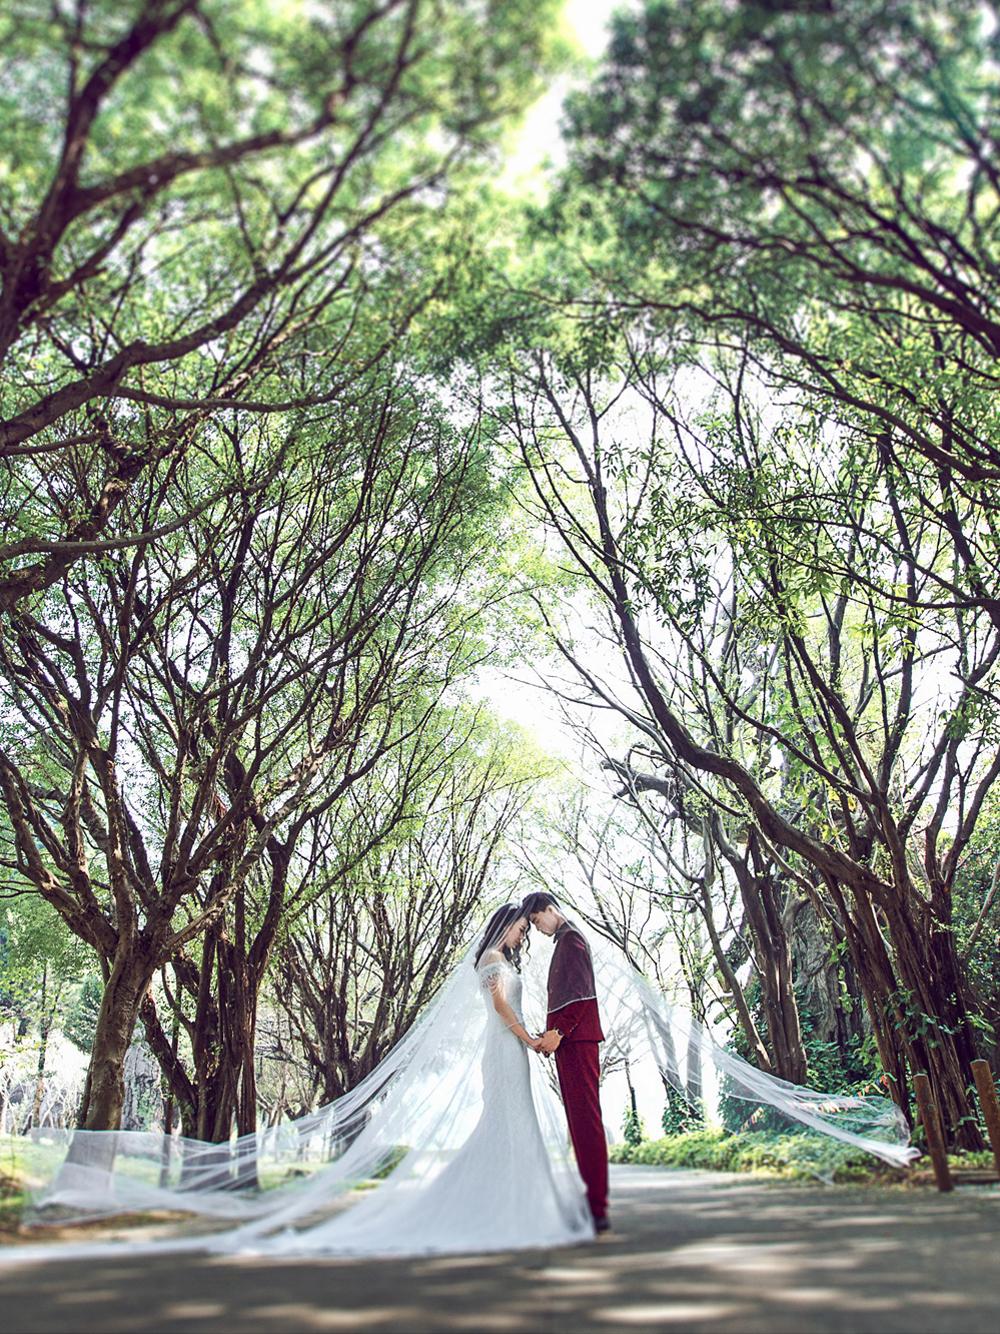 广州世界大观婚纱摄影基地